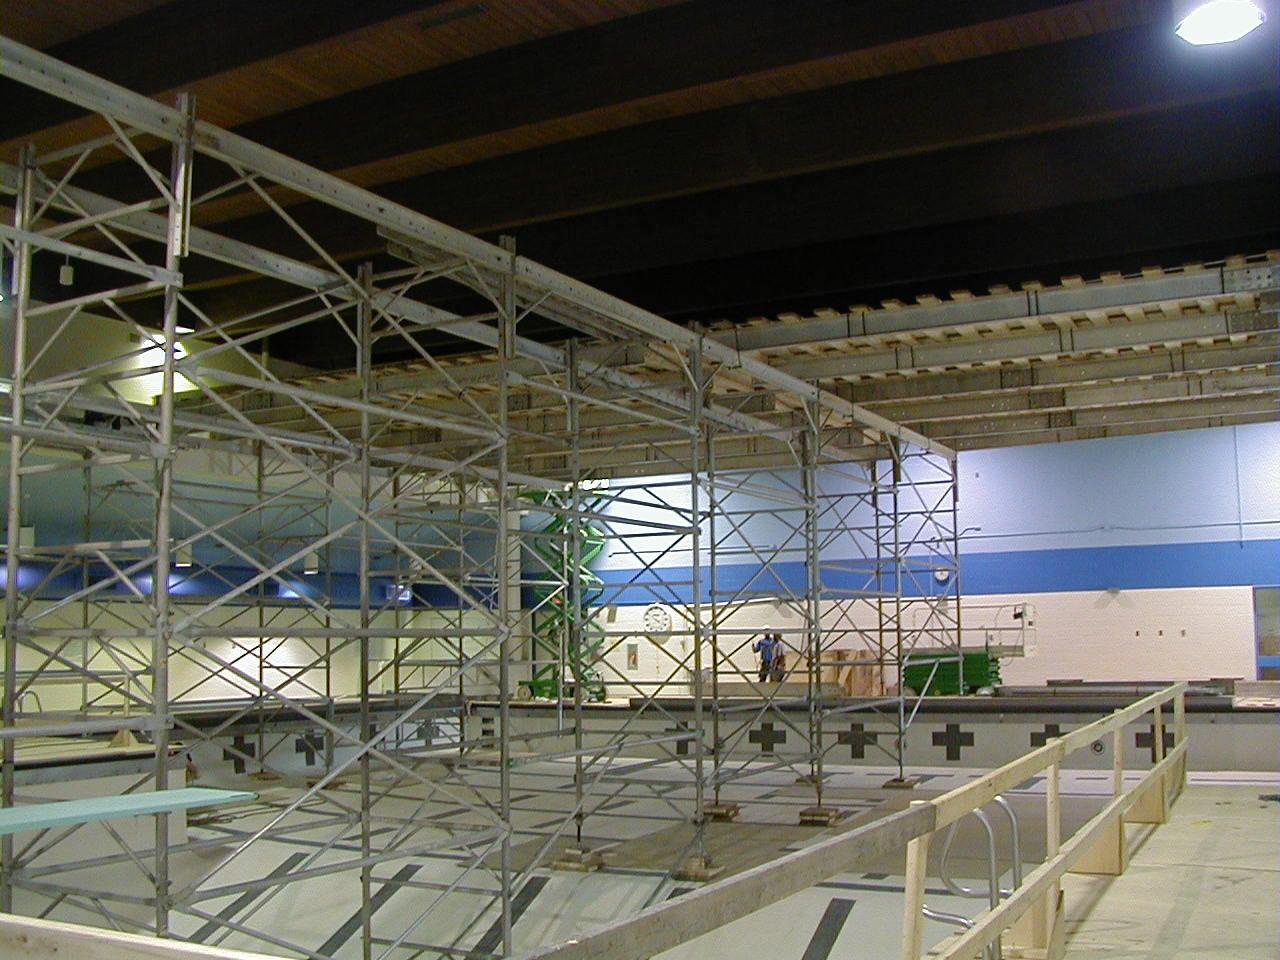 Montgomery college germantown campus indoor swimming pool for Germantown indoor swimming pool